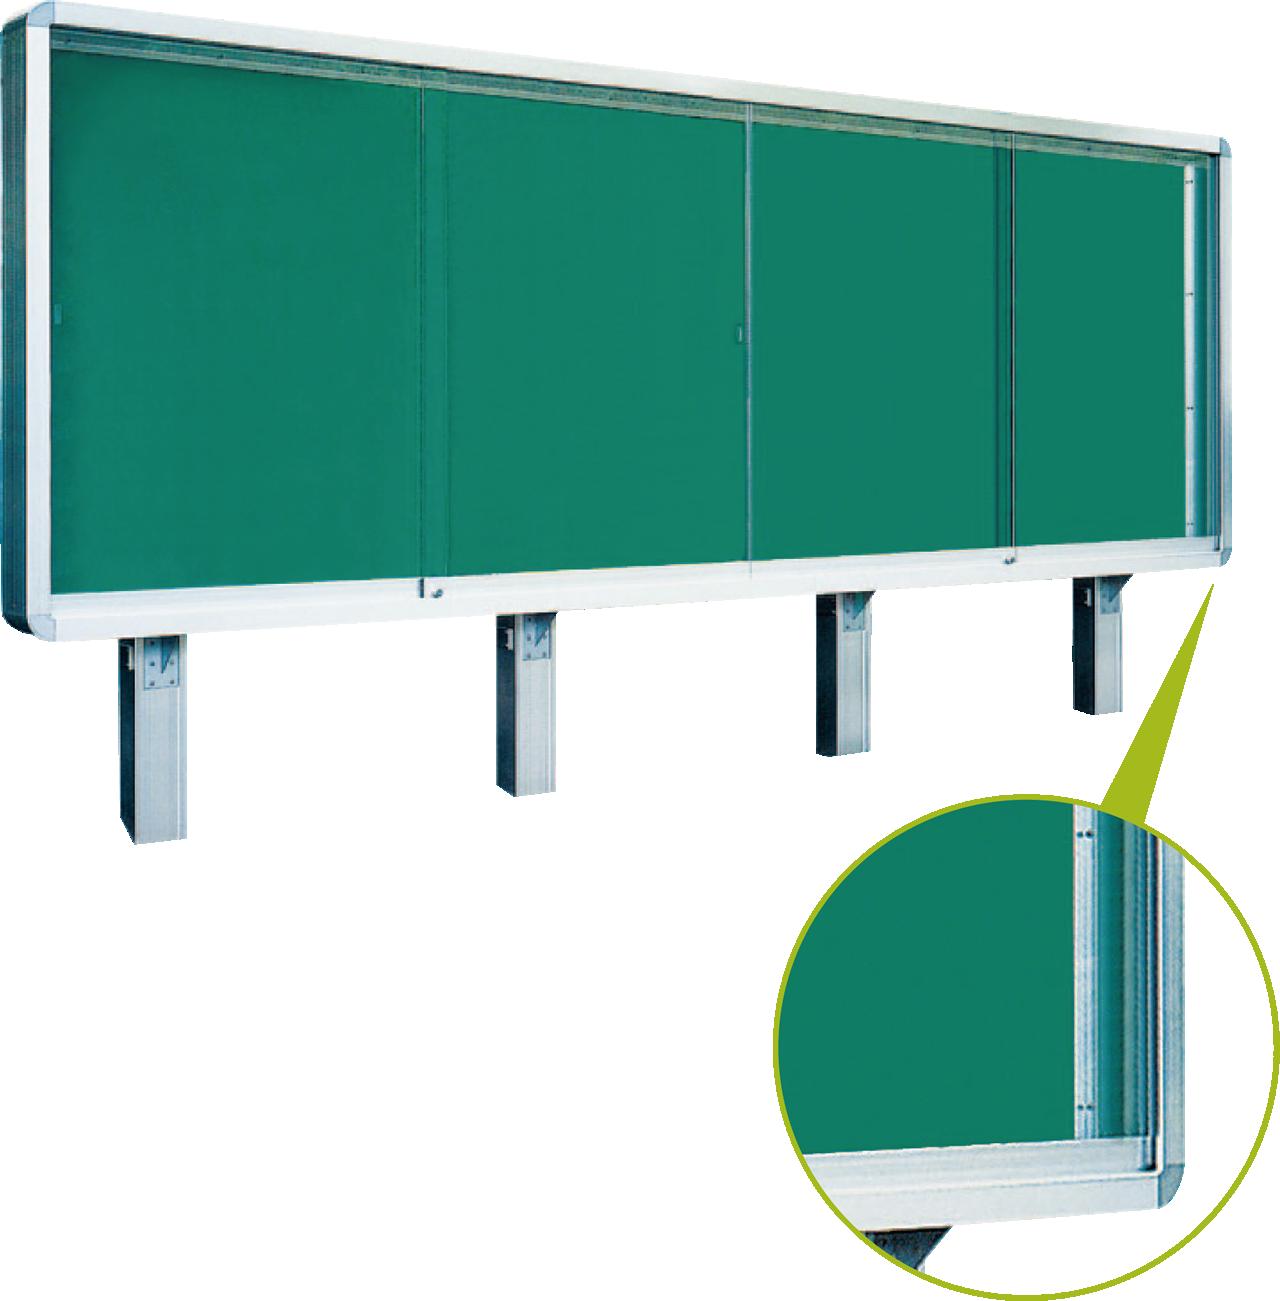 アルミ製大型野外掲示板(D150タイプ)